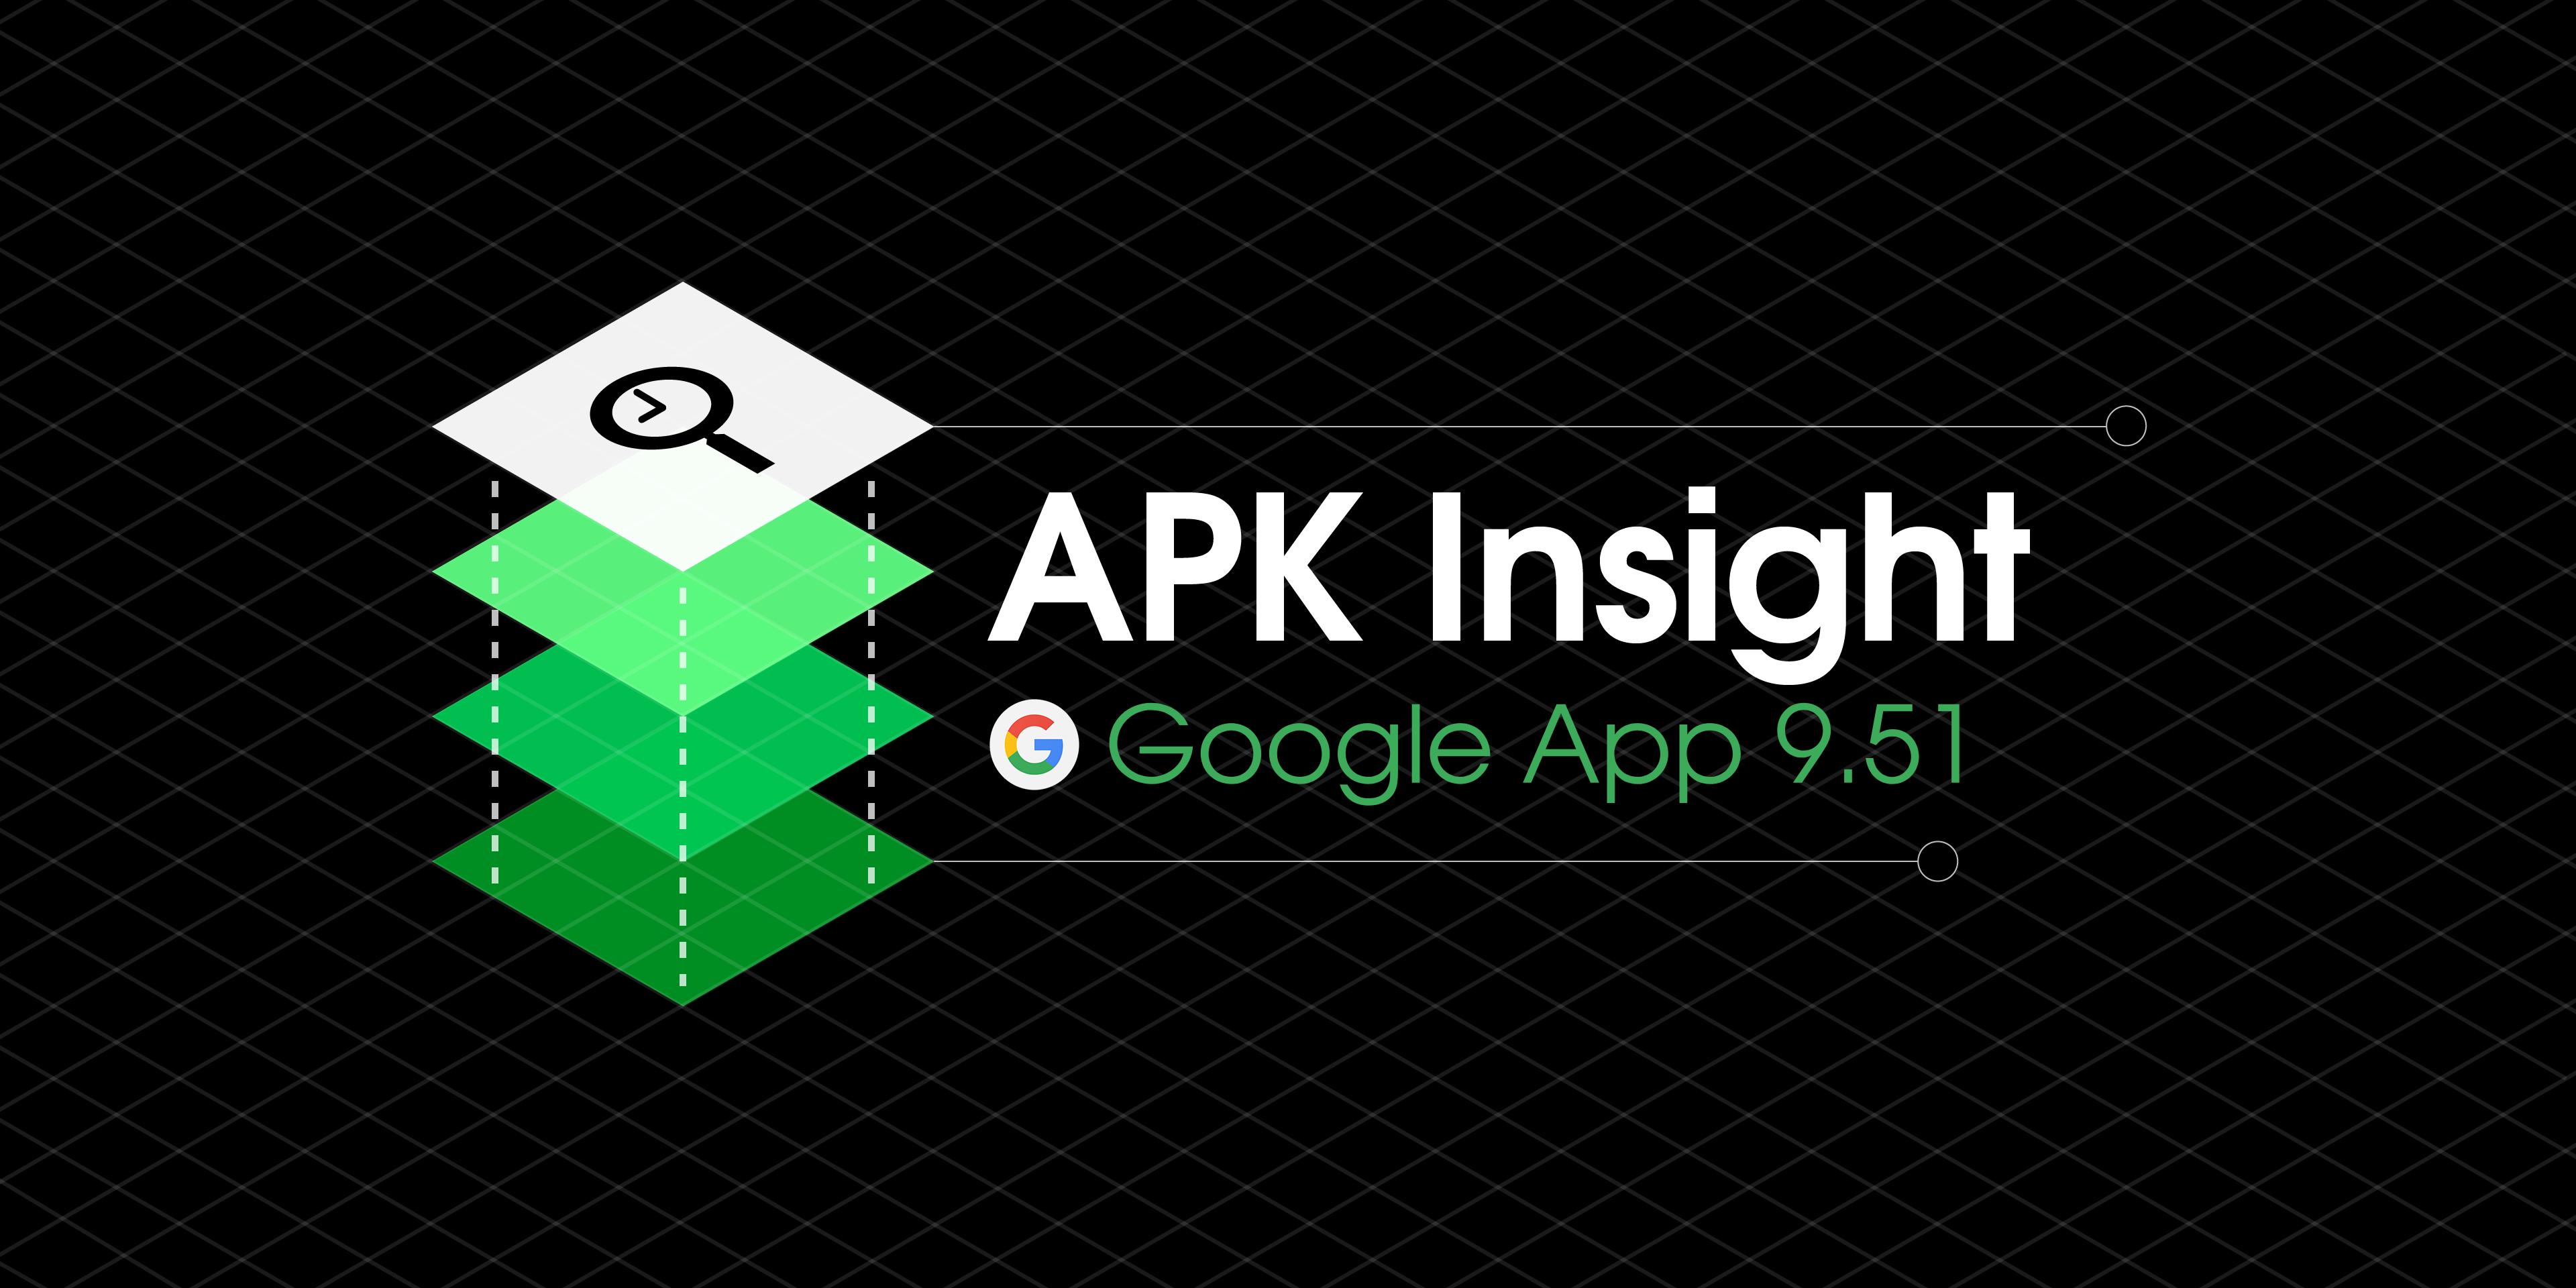 Google App 9.51 Preps, die zu freigegebenen Sammlungen, neuen Bisto-Funktionen und mehr beitragen [APK Insight]